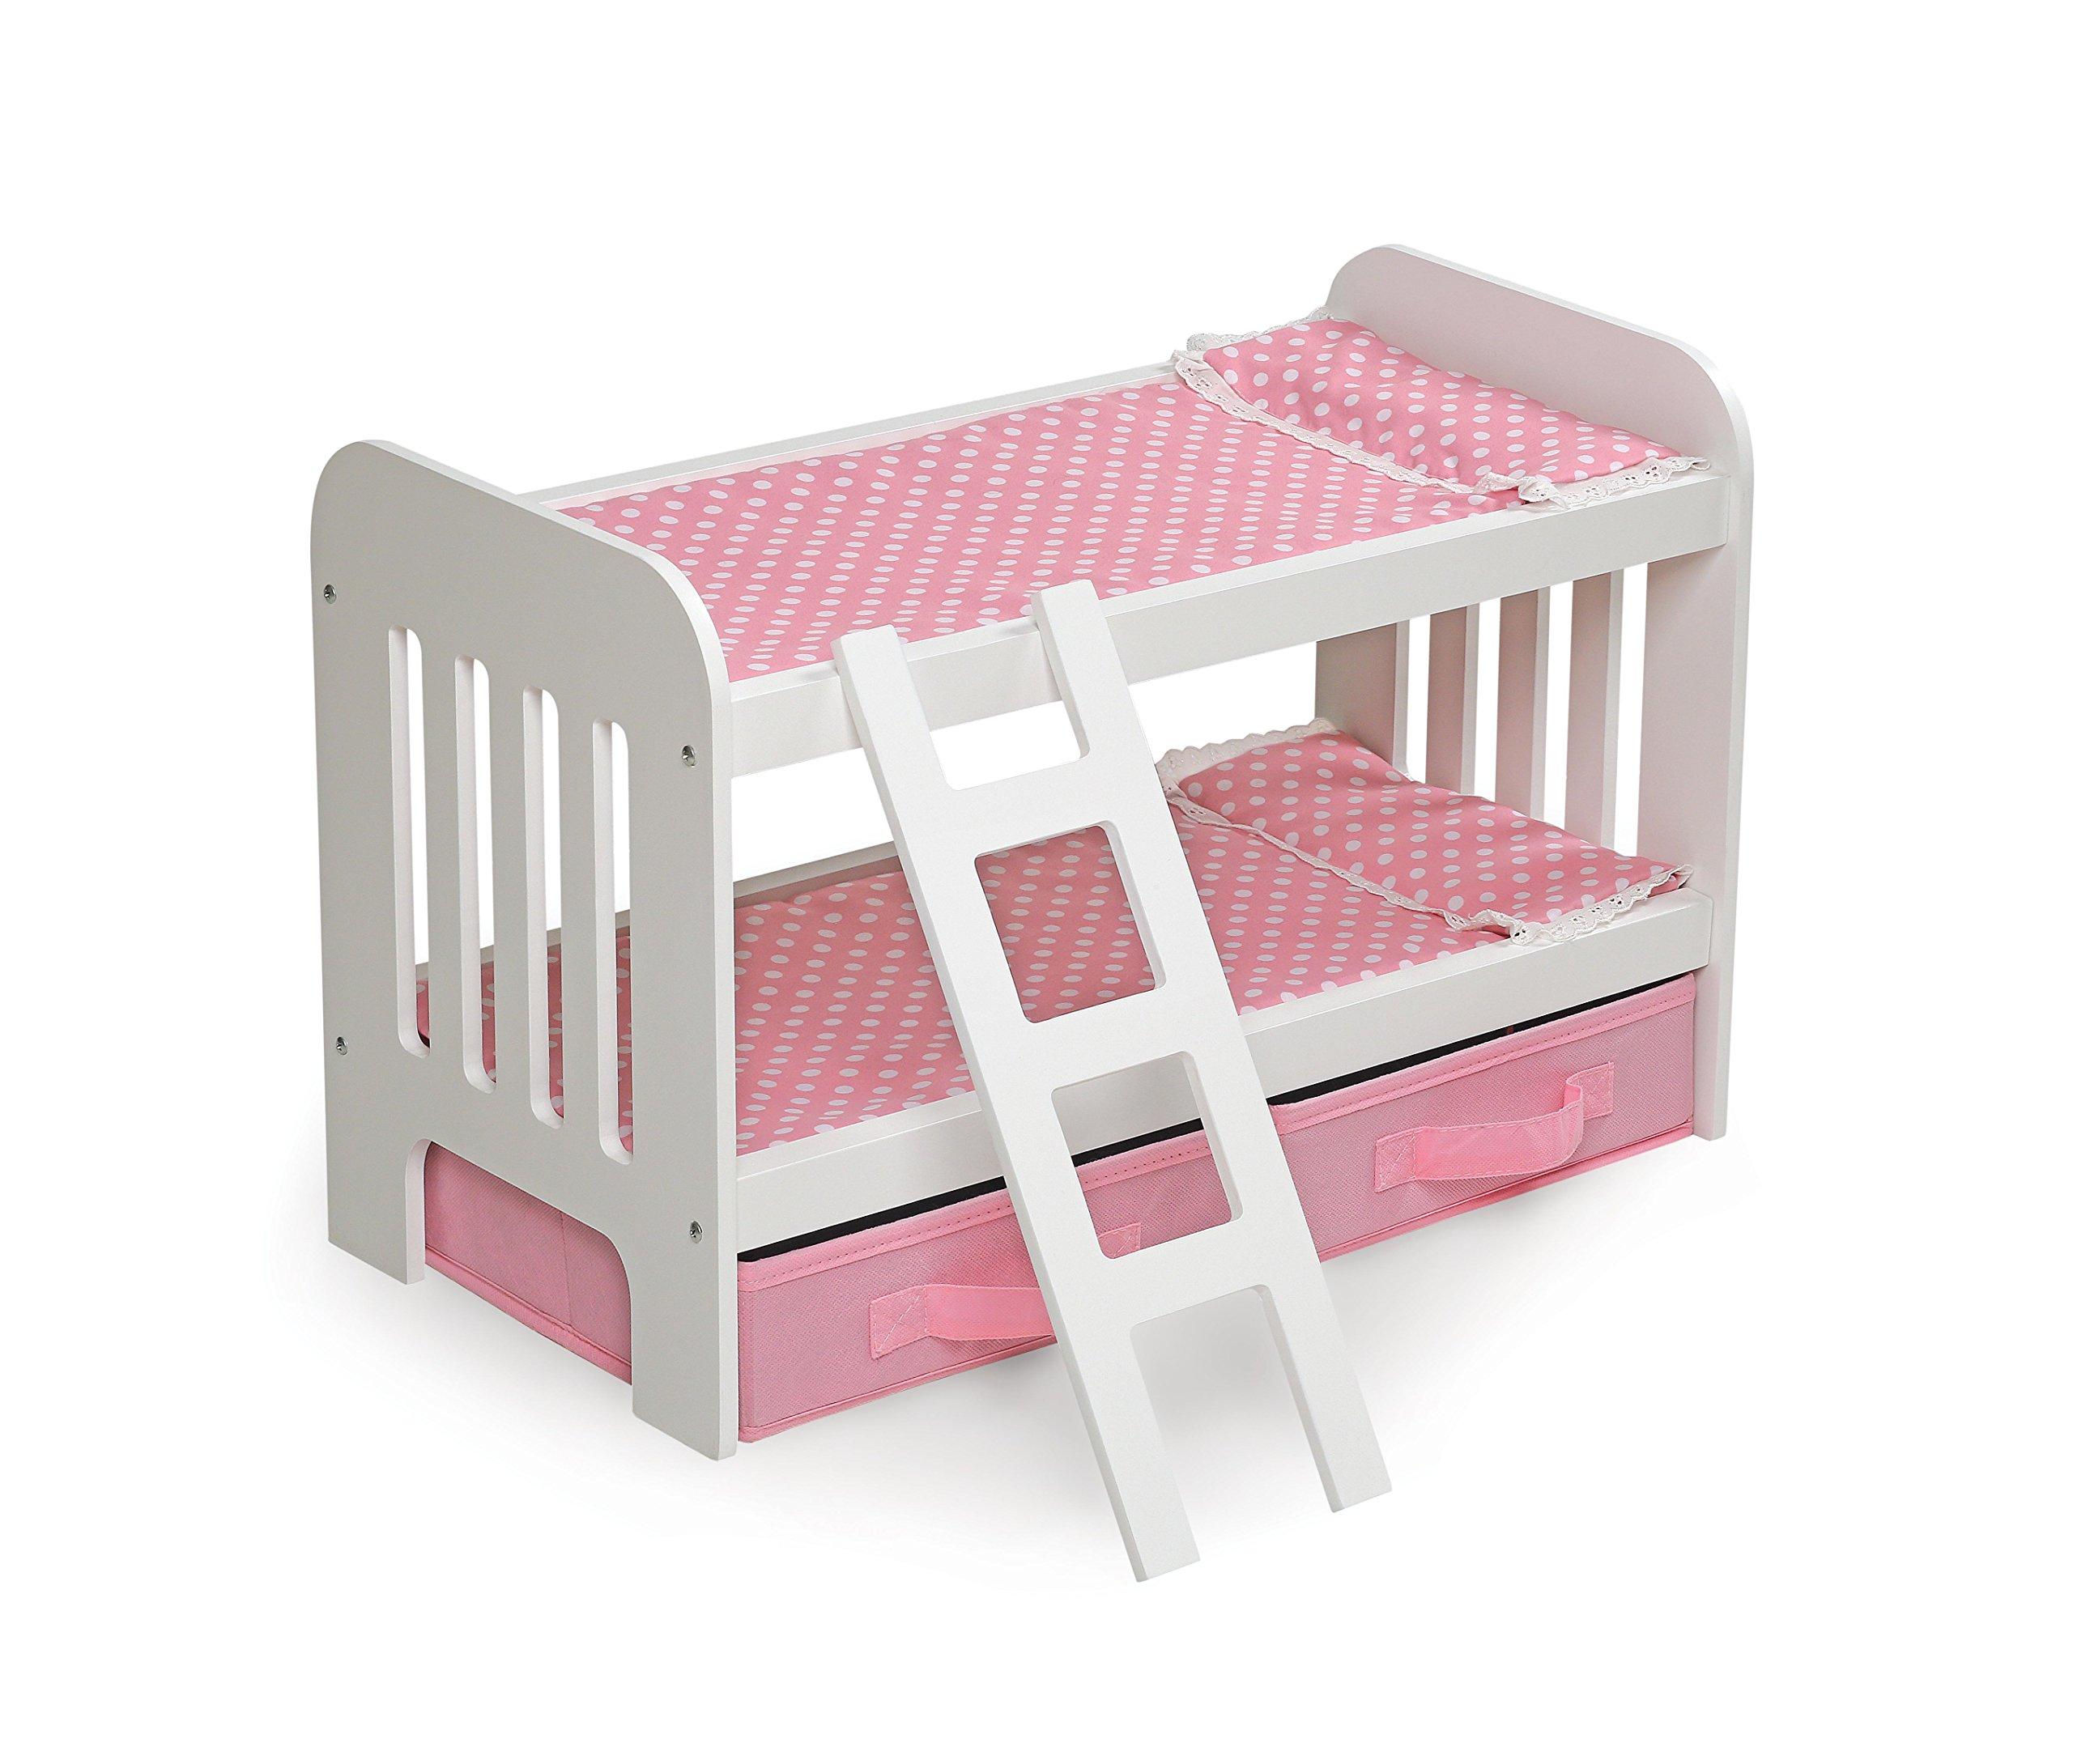 Badger Basket Doll Bunk Bed Ladder Storage Baskets Fits American